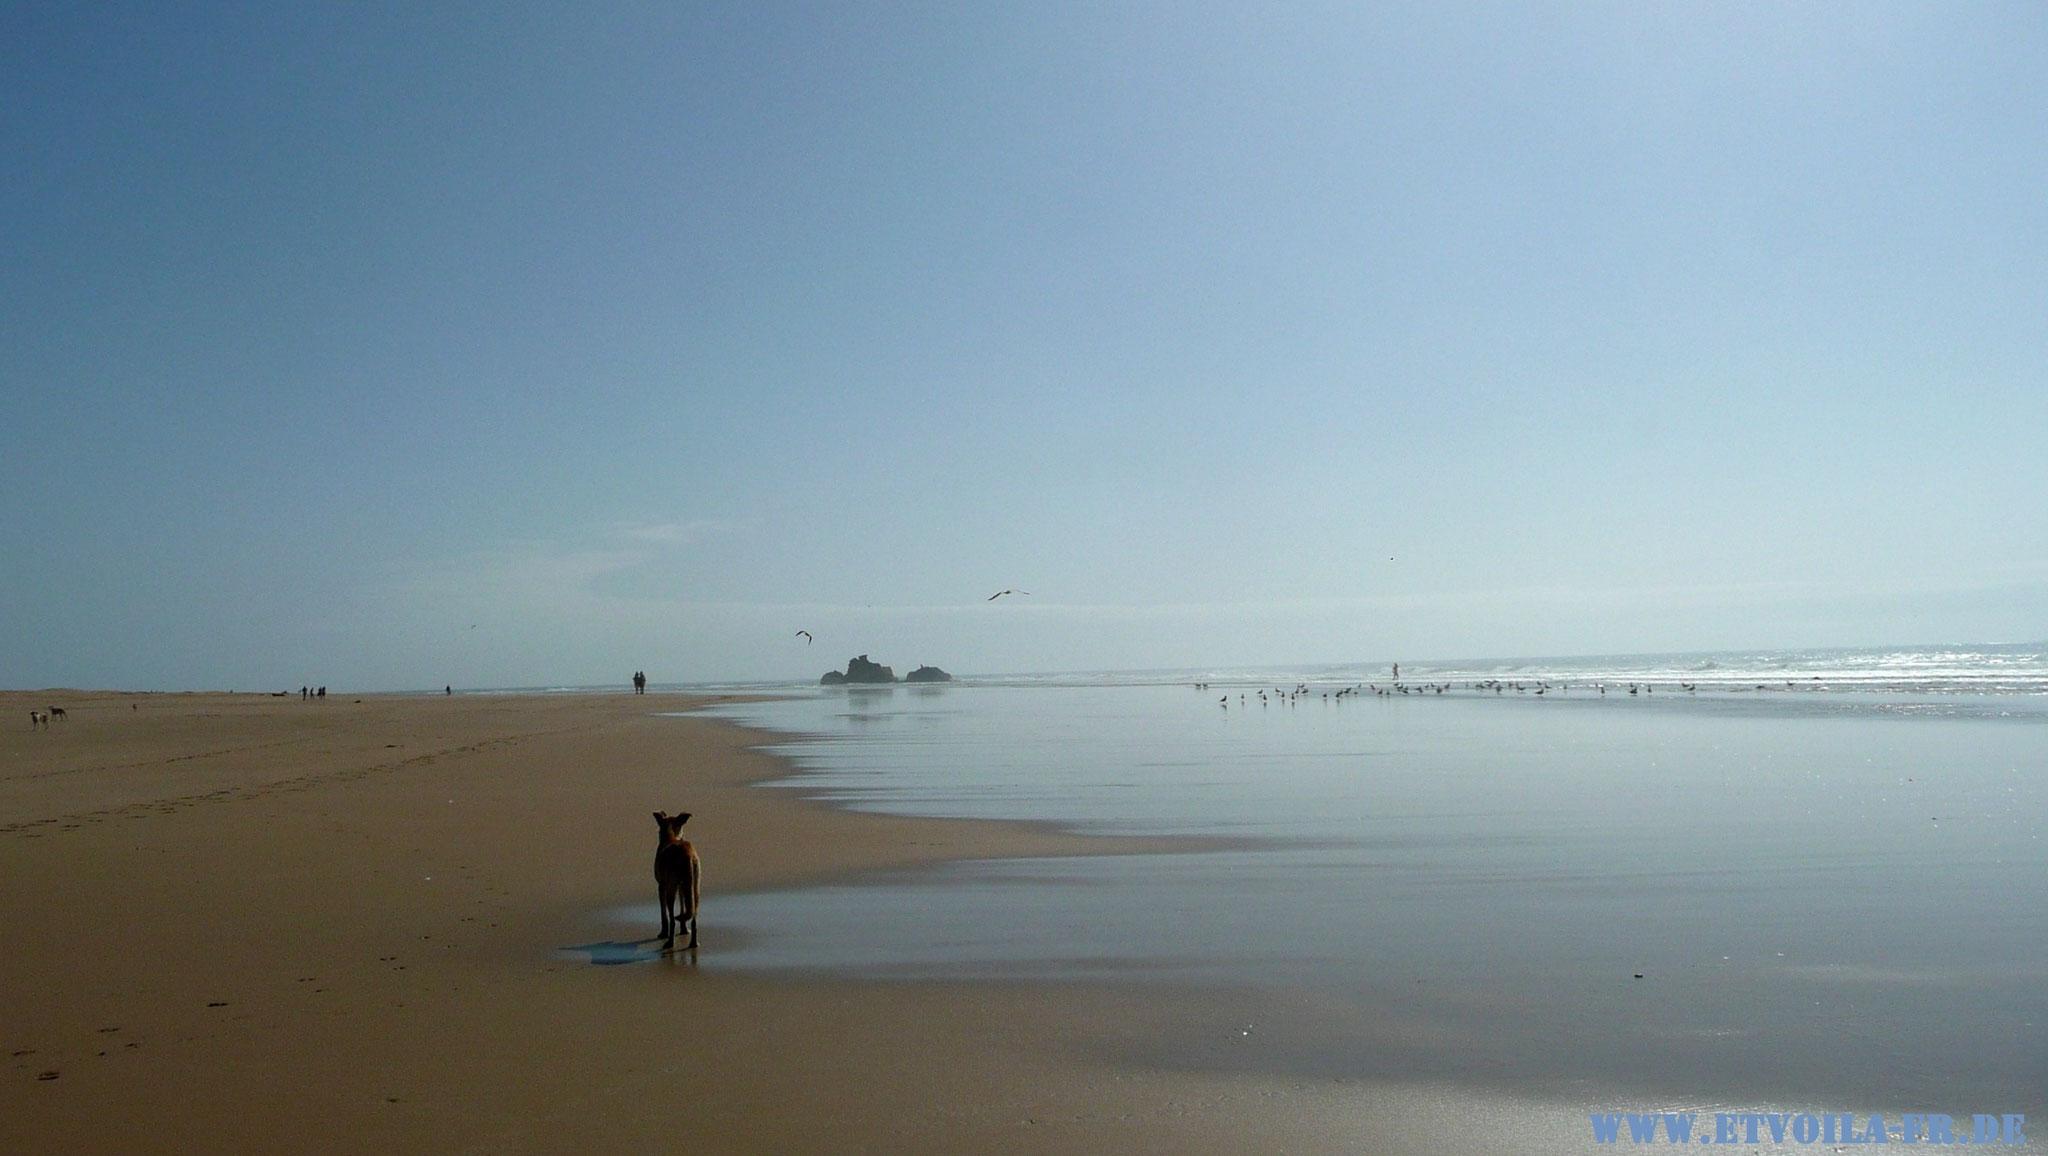 LE GRAND BLEU -  Französisch-Sprachkurs und endlose Weite am Atlantik in Esssoauira / Marokko